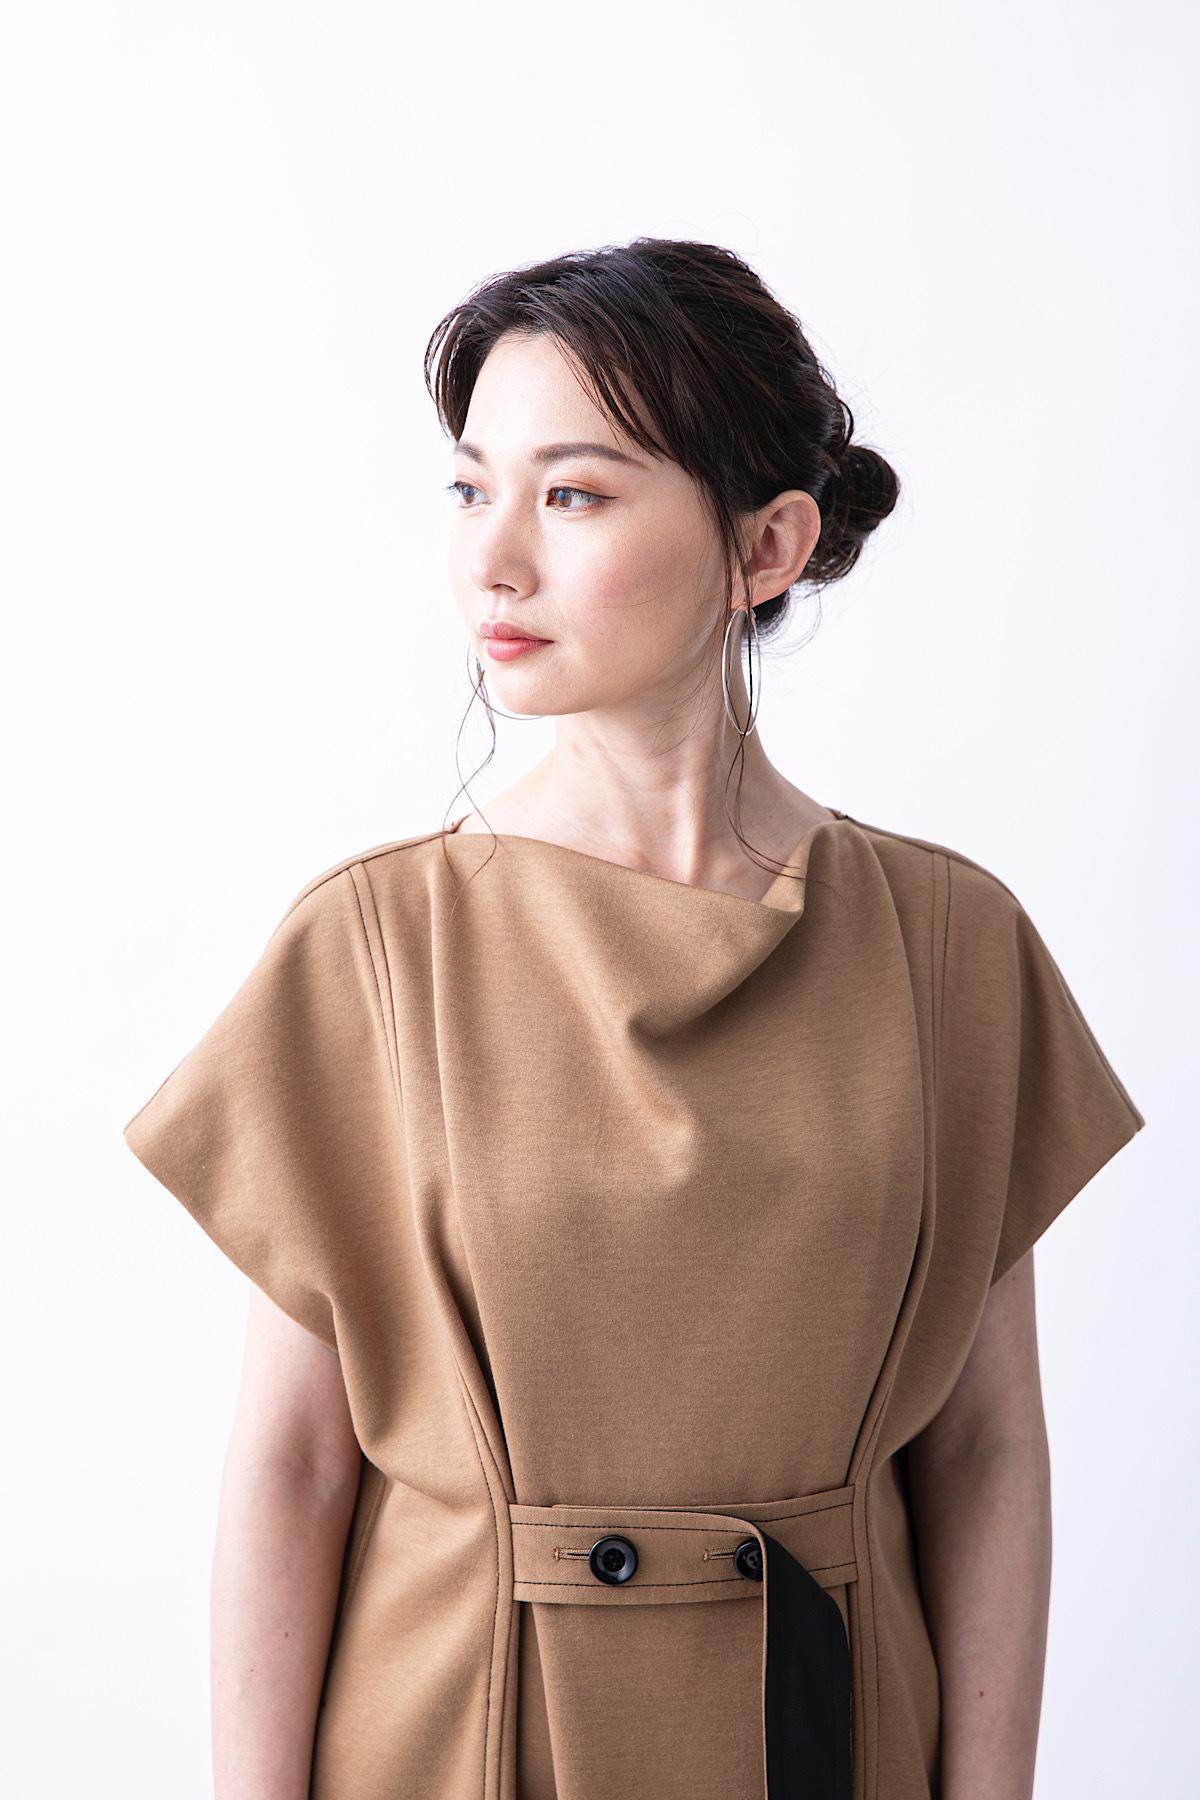 ドレープネックカットドレス 2色:ベージュ